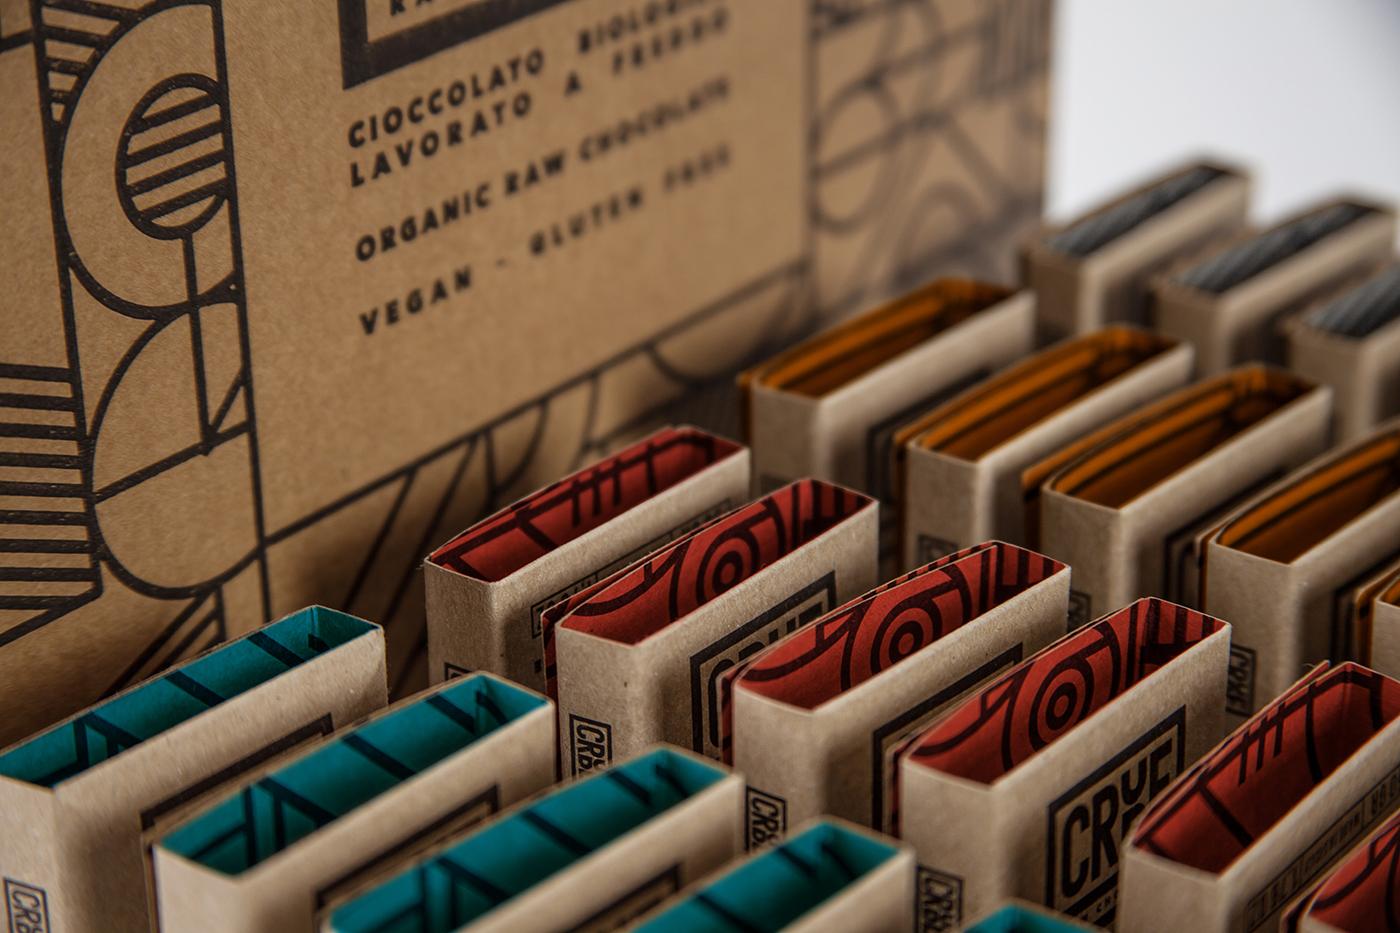 crude巧克力包裝設計